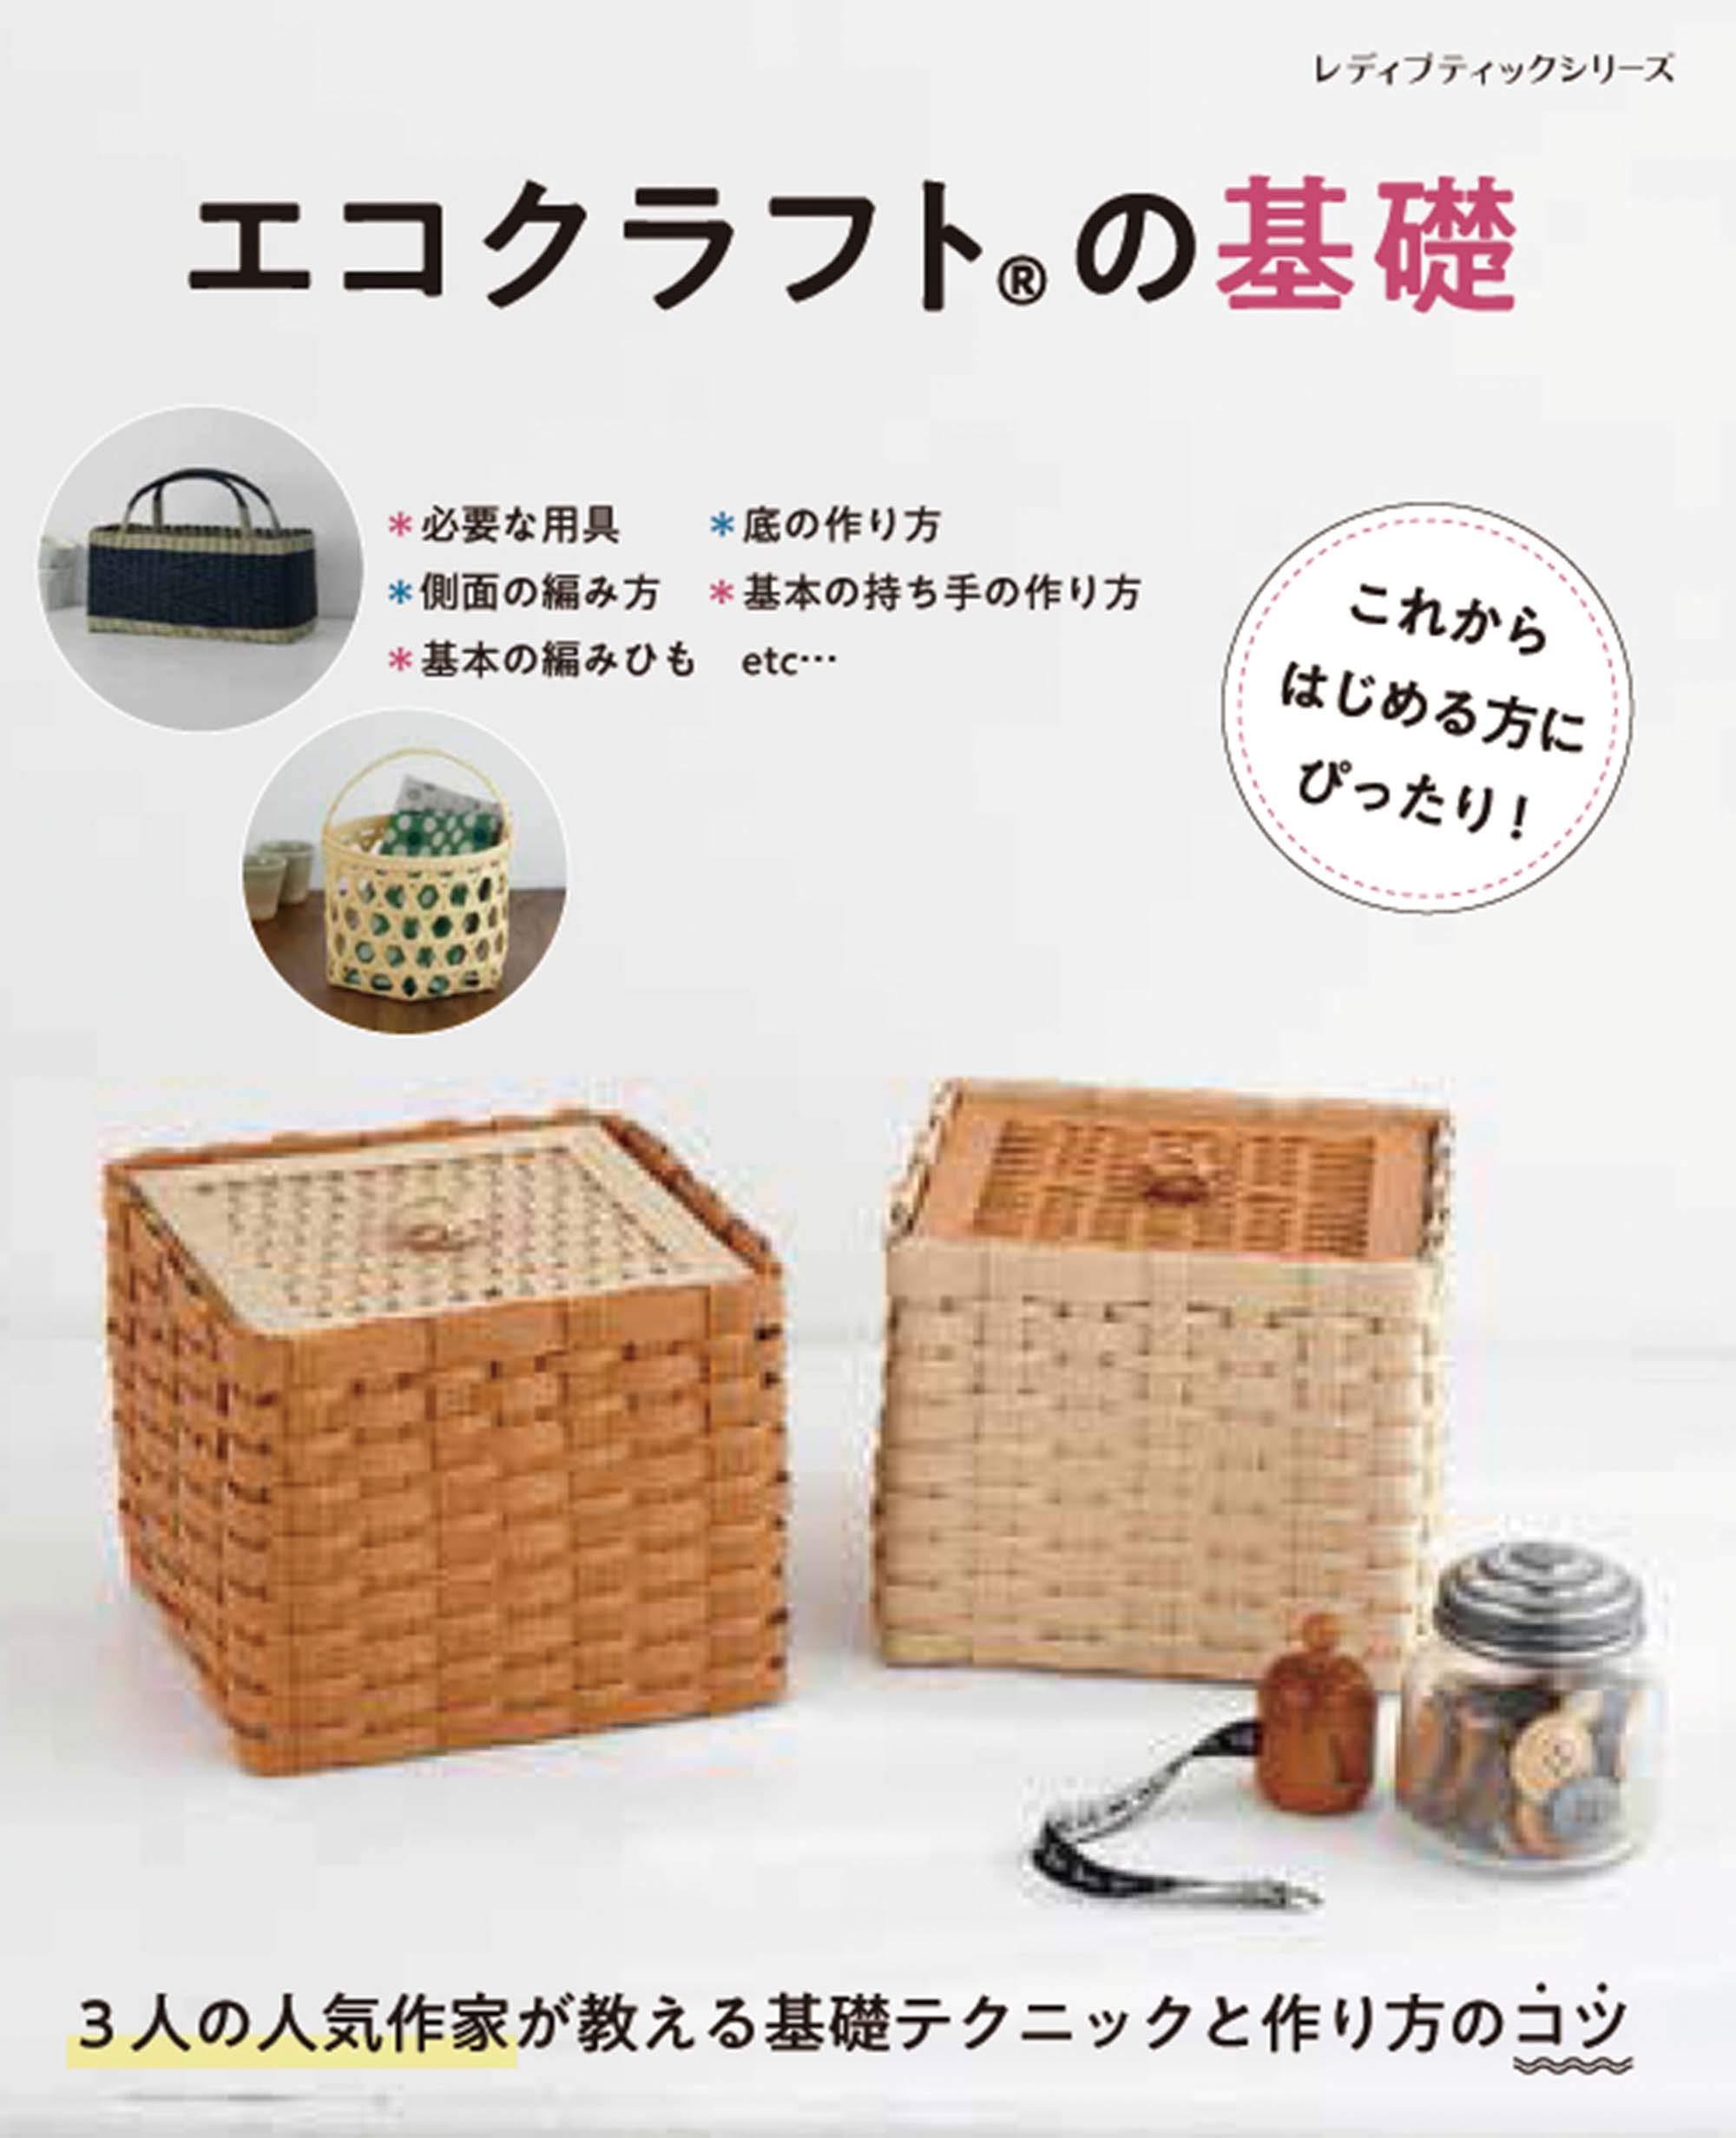 Eco Craft Basics